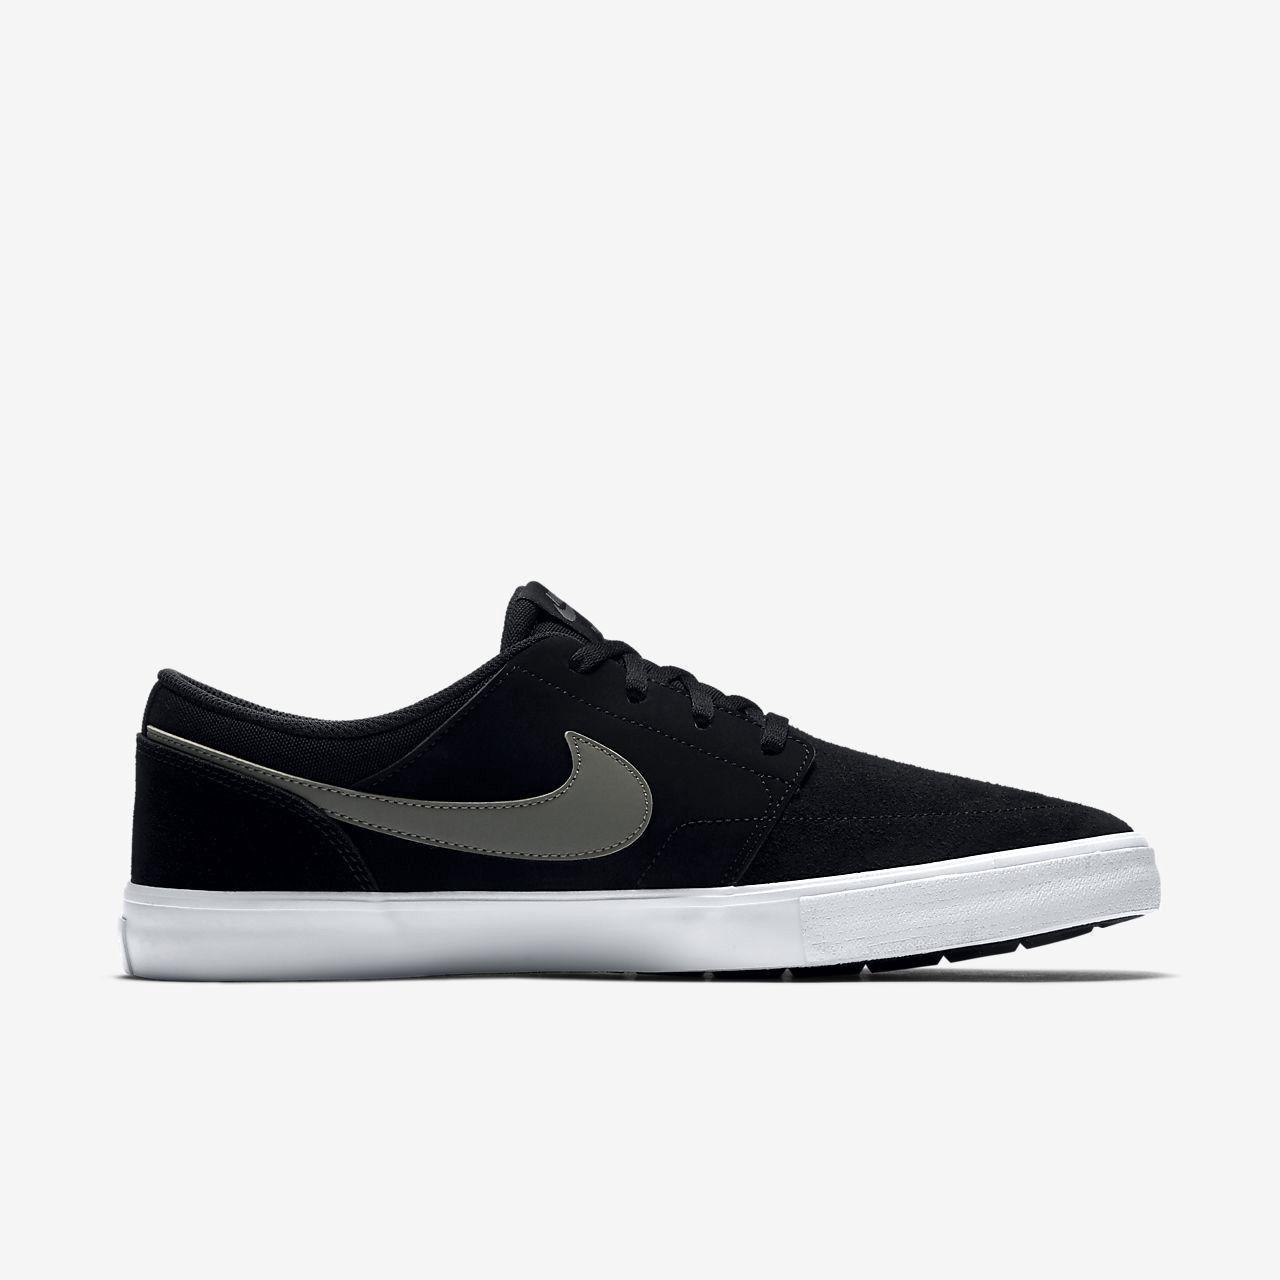 Nike Sb Solarsoft Portmore II Men's Skateboarding Shoe - 11.5 ...